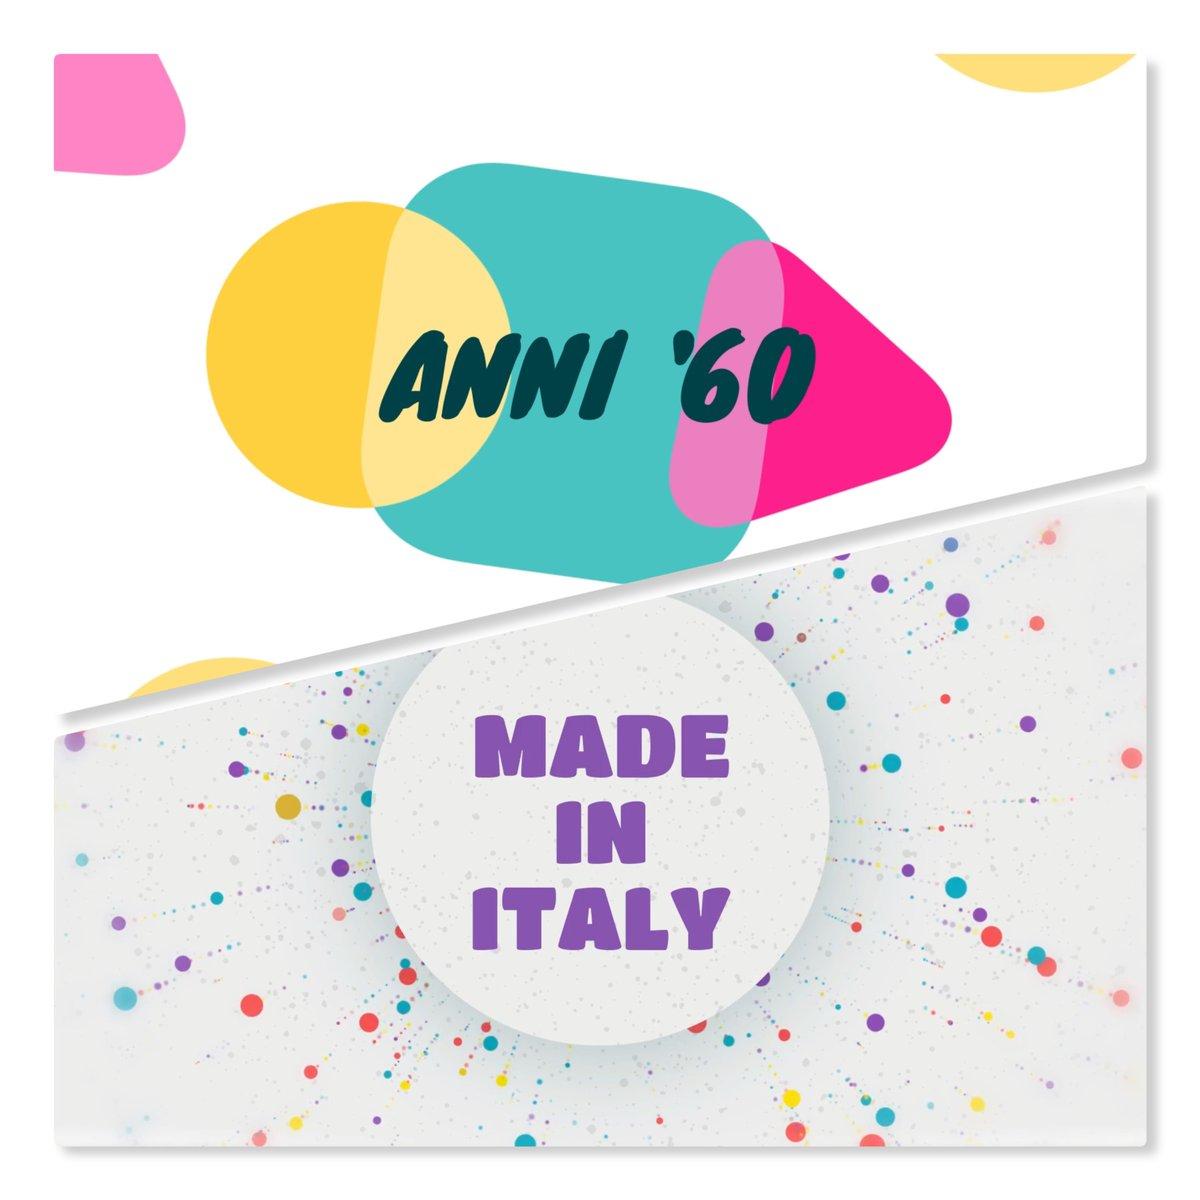 Le migliori canzoni italiane dagli anni '60 ai giorni nostri le ascolti su Radio FM Faleria ogni giorno dalle 6:00 del mattino... http://www.radiofm.net #radiofm #radiofmfaleria #repeat #listentothis #goodmusic #instamusic #photooftheday #20likes #amazingpic.twitter.com/RF04abUaDK